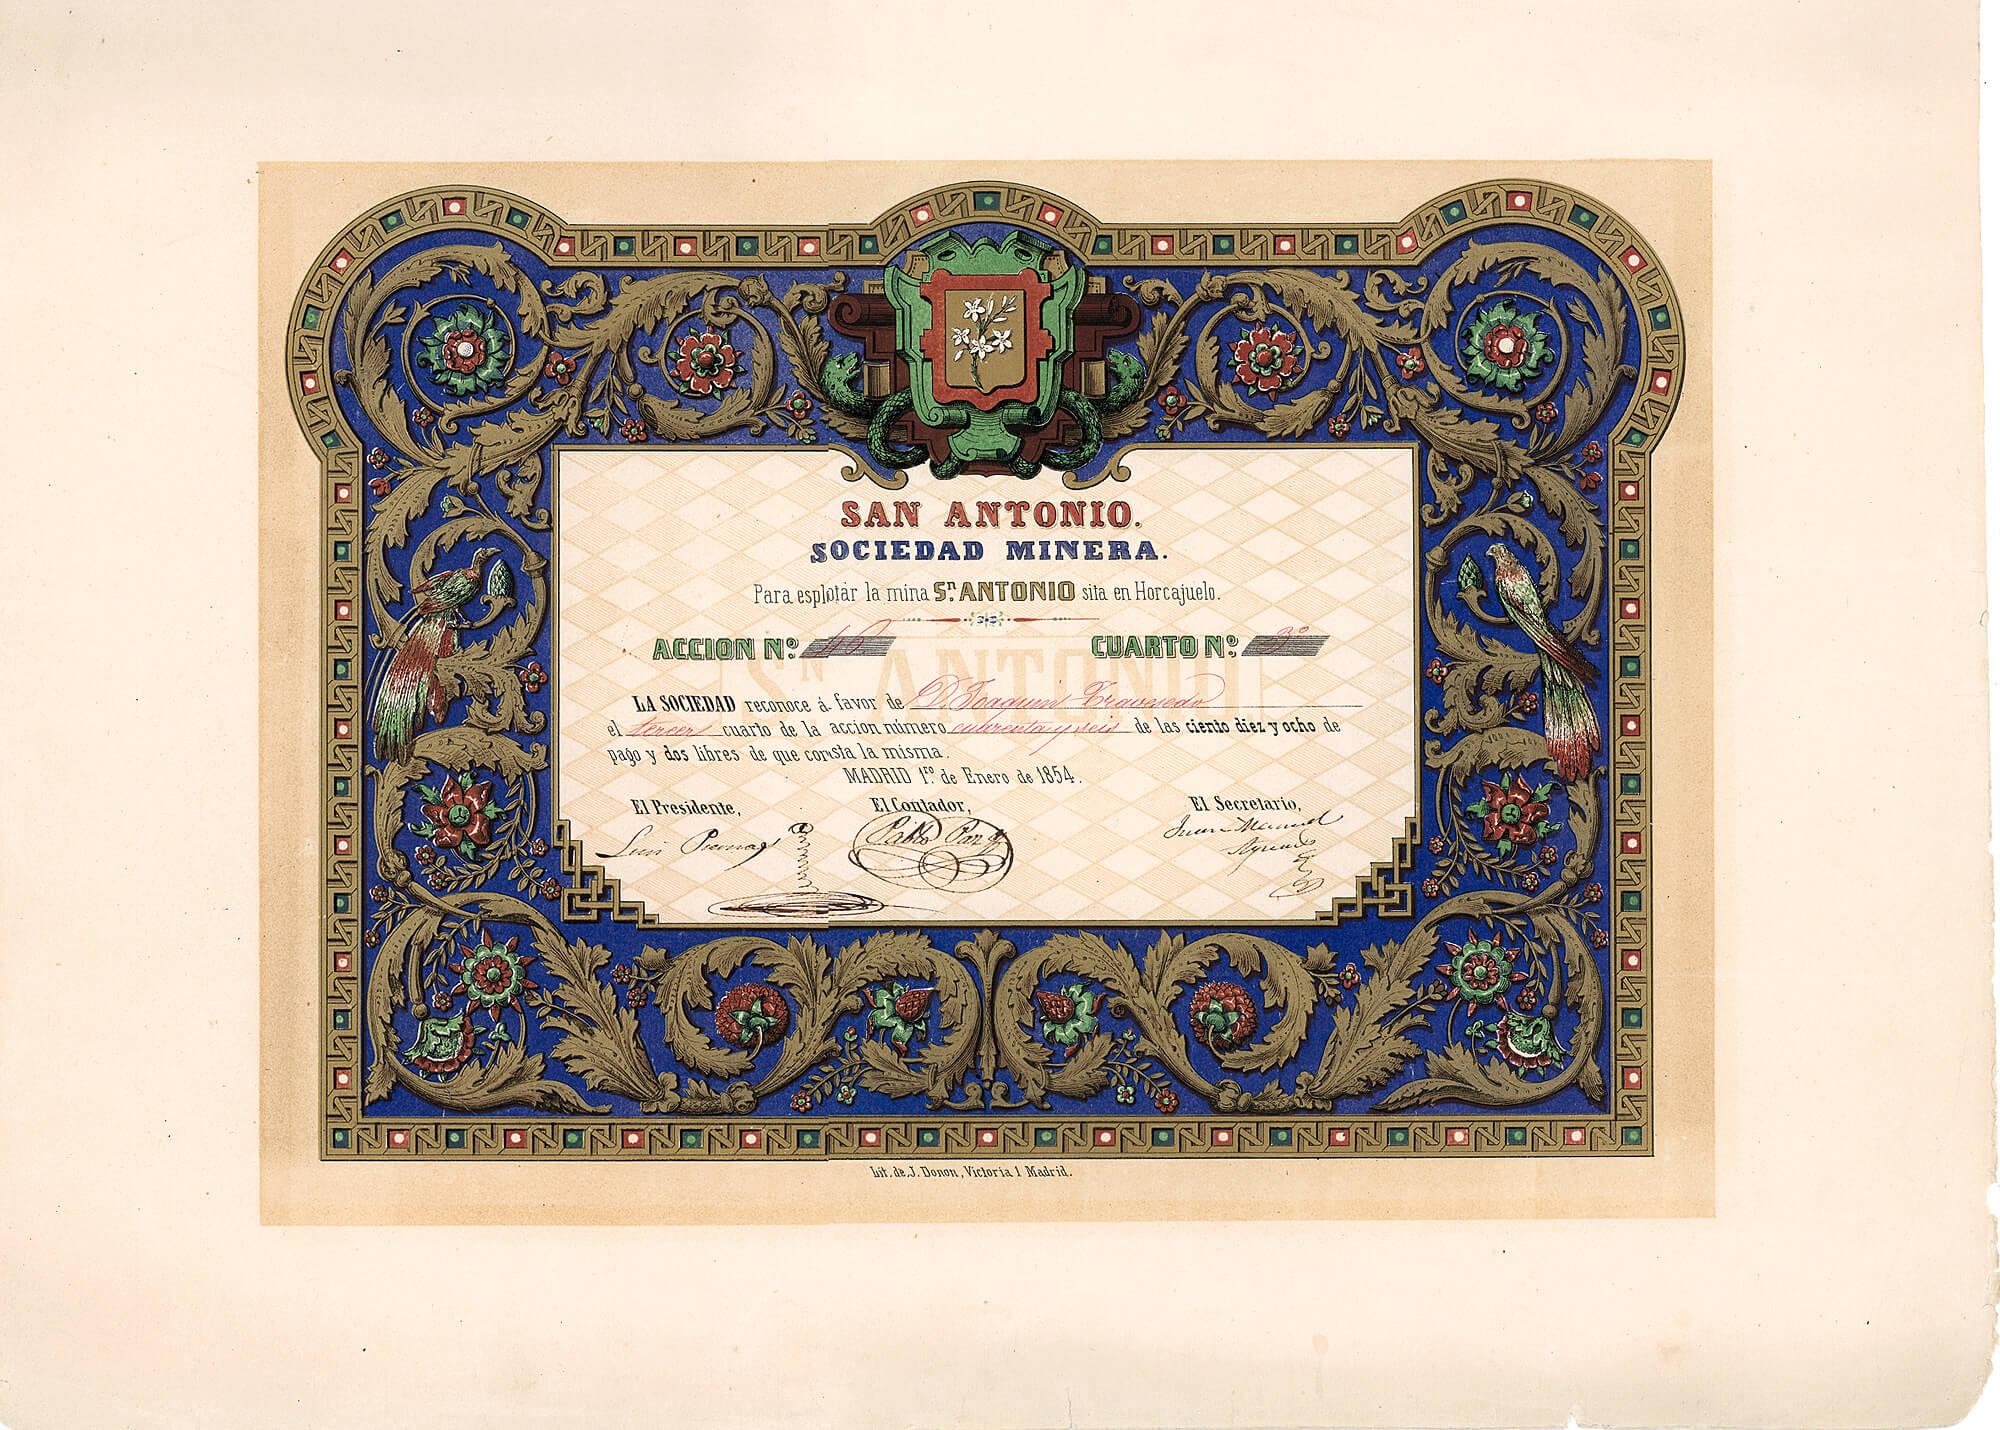 San Antonio, Sociedad Minera, Madrid, Aktie von 1854. Die Gesellschaft betrieb die Mine San Antonio in Horcajuelo. Das großformatige Papier wurde als Mehrfarbenlithographie im Stil mittelalterlicher Buchmalereien hergestellt.